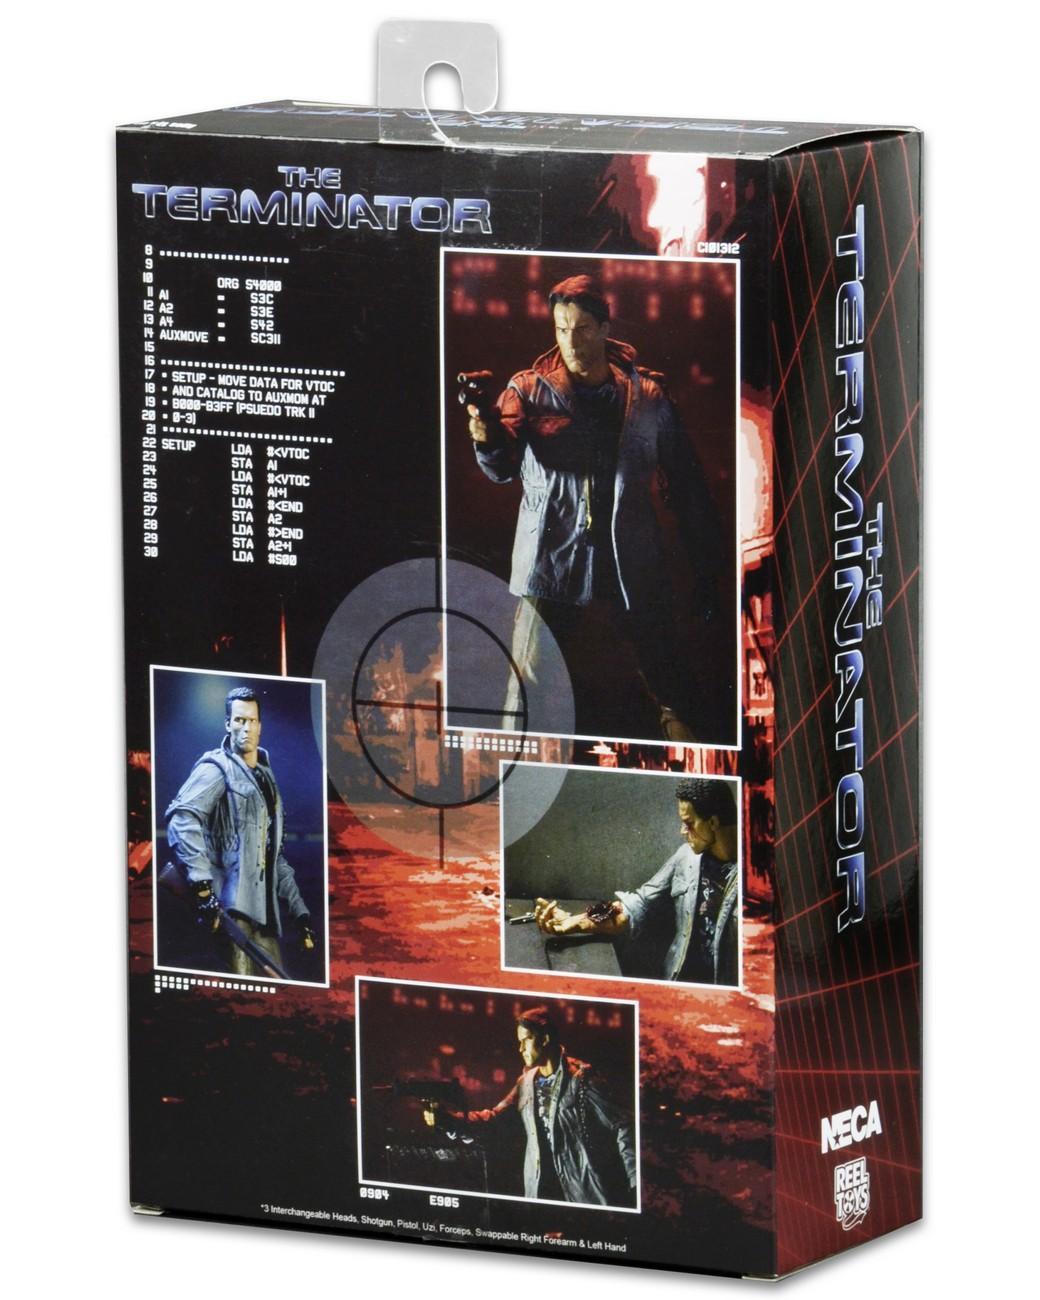 Neca ultimate tech noir terminator 3